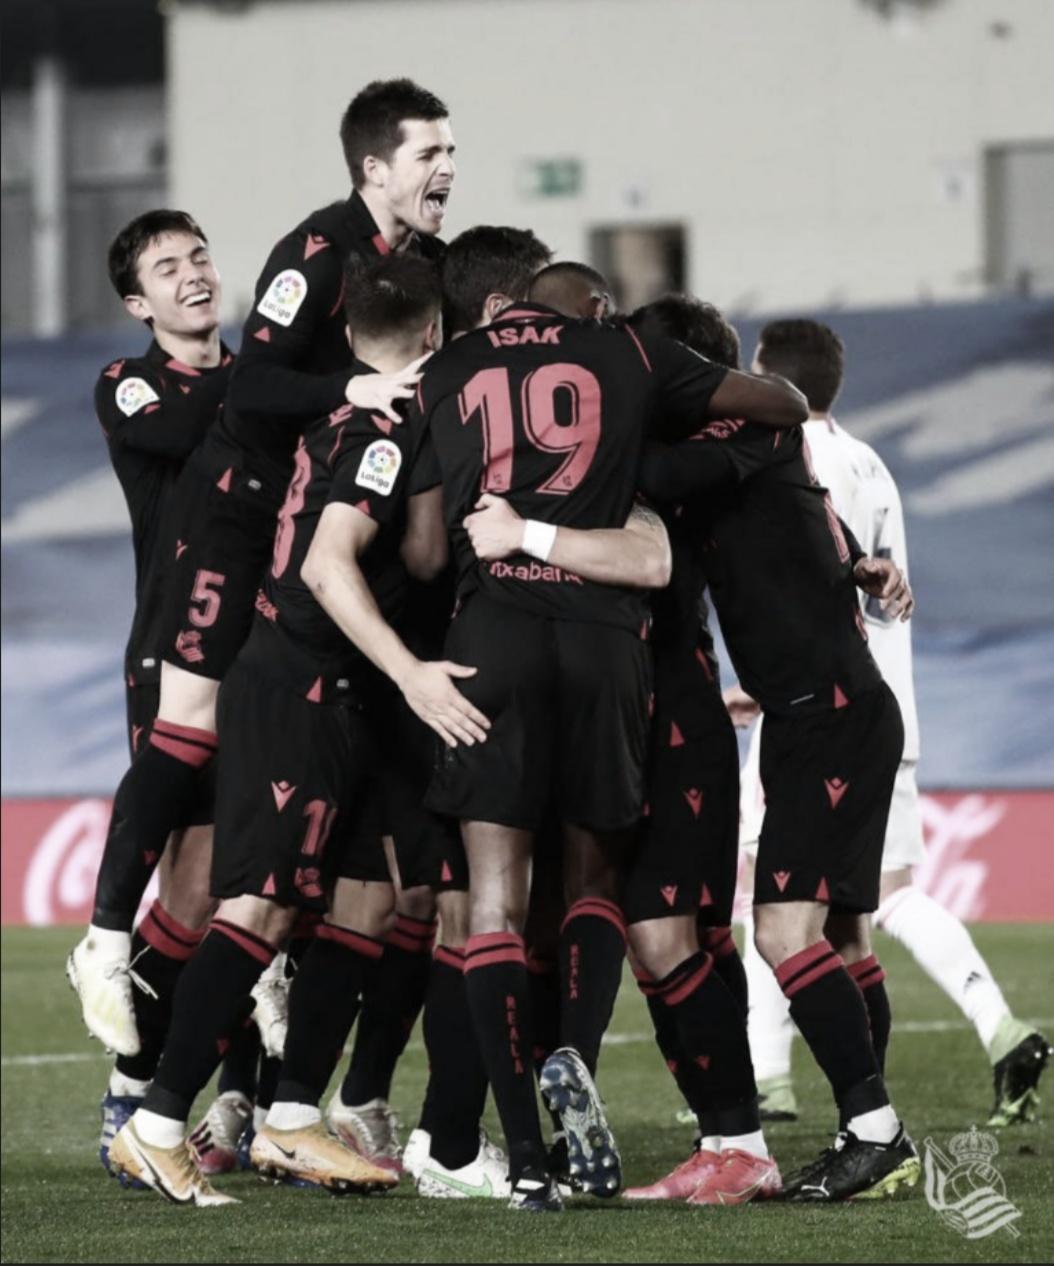 Real Madrid - Real Sociedad: Puntuaciones de la Real Sociedad en la jornada 25 de LaLiga Santander